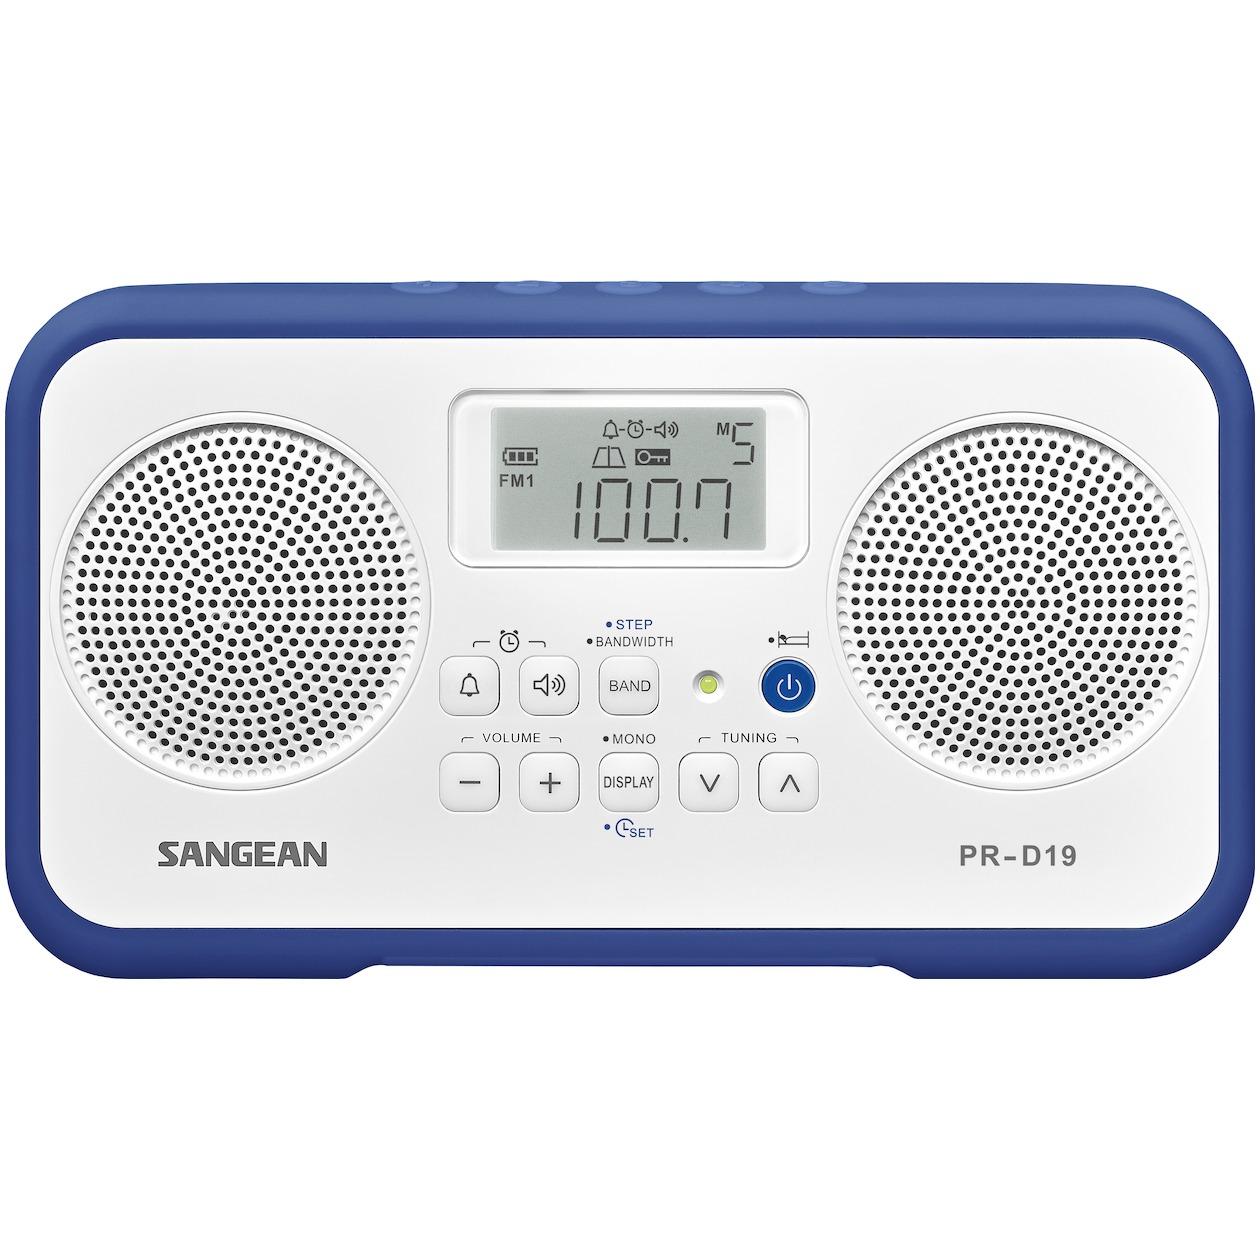 Sangean wekker radio PR-D19 donkerblauw